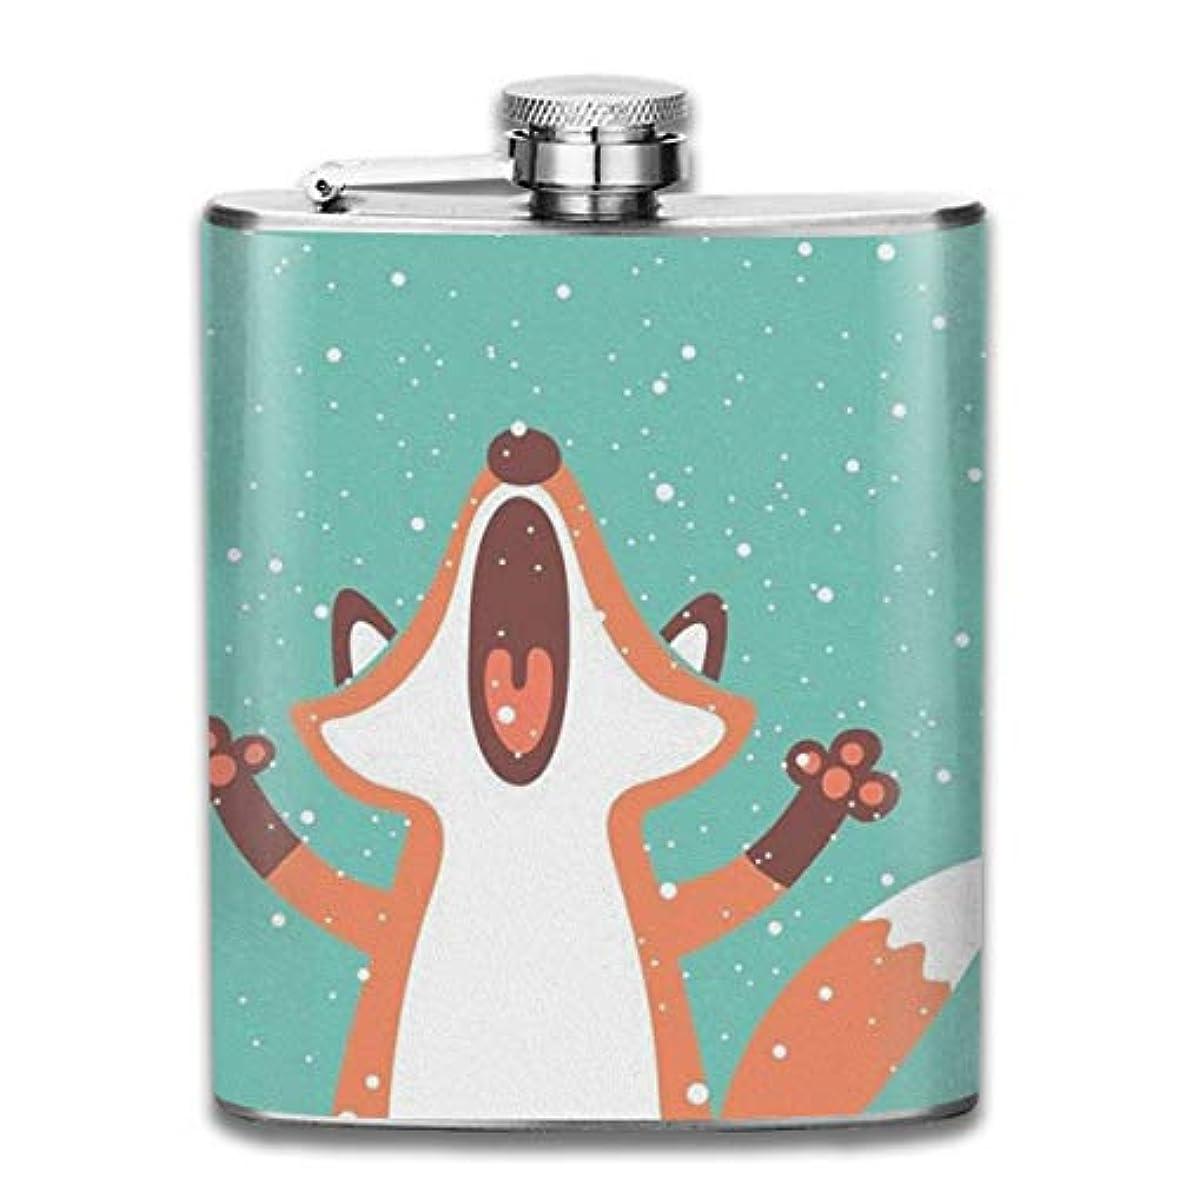 ウガンダ演じるマージンかわいい狐 青い空 フラスコ スキットル ヒップフラスコ 7オンス 206ml 高品質ステンレス製 ウイスキー アルコール 清酒 携帯 ボトル